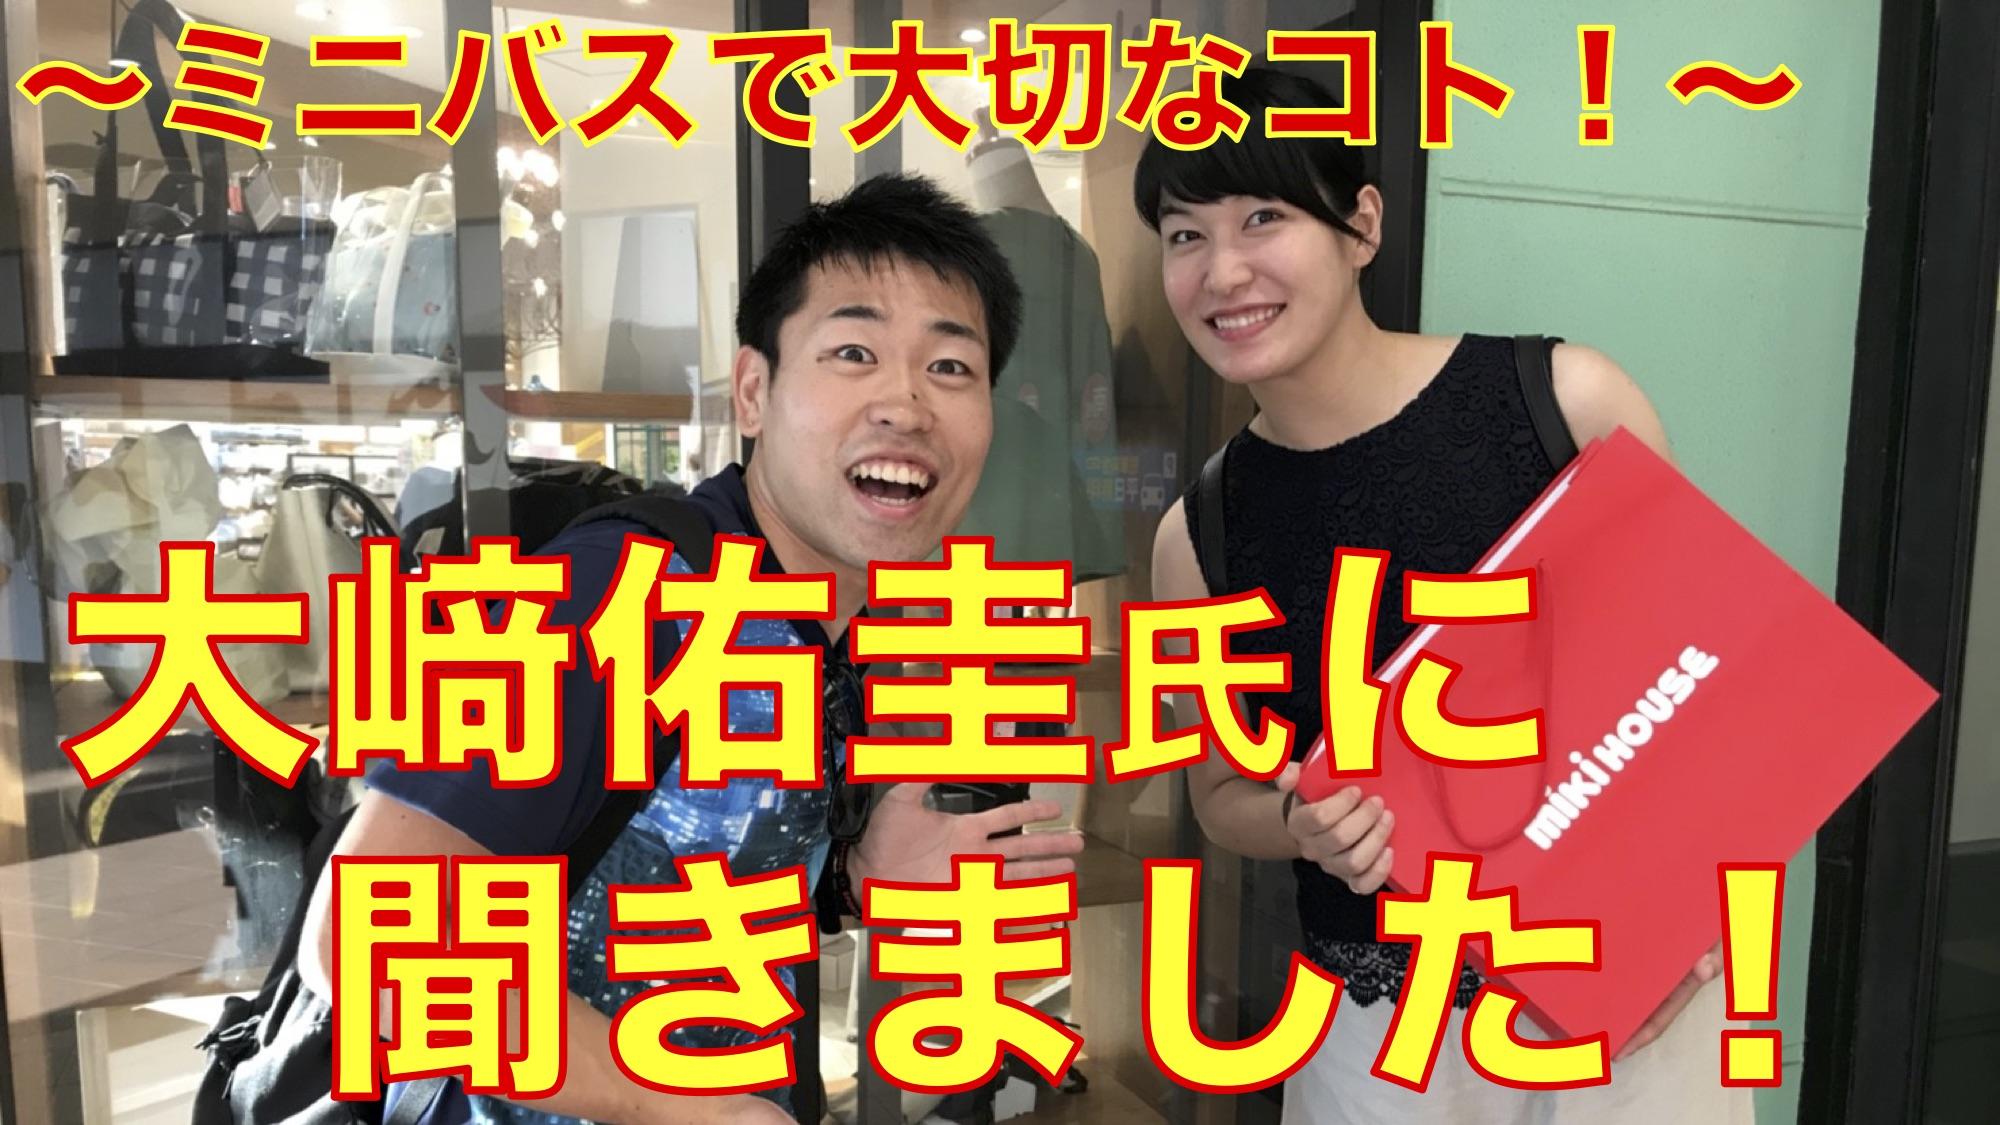 大﨑佑圭氏に聞きました!〜ミニバスで大切なコト〜